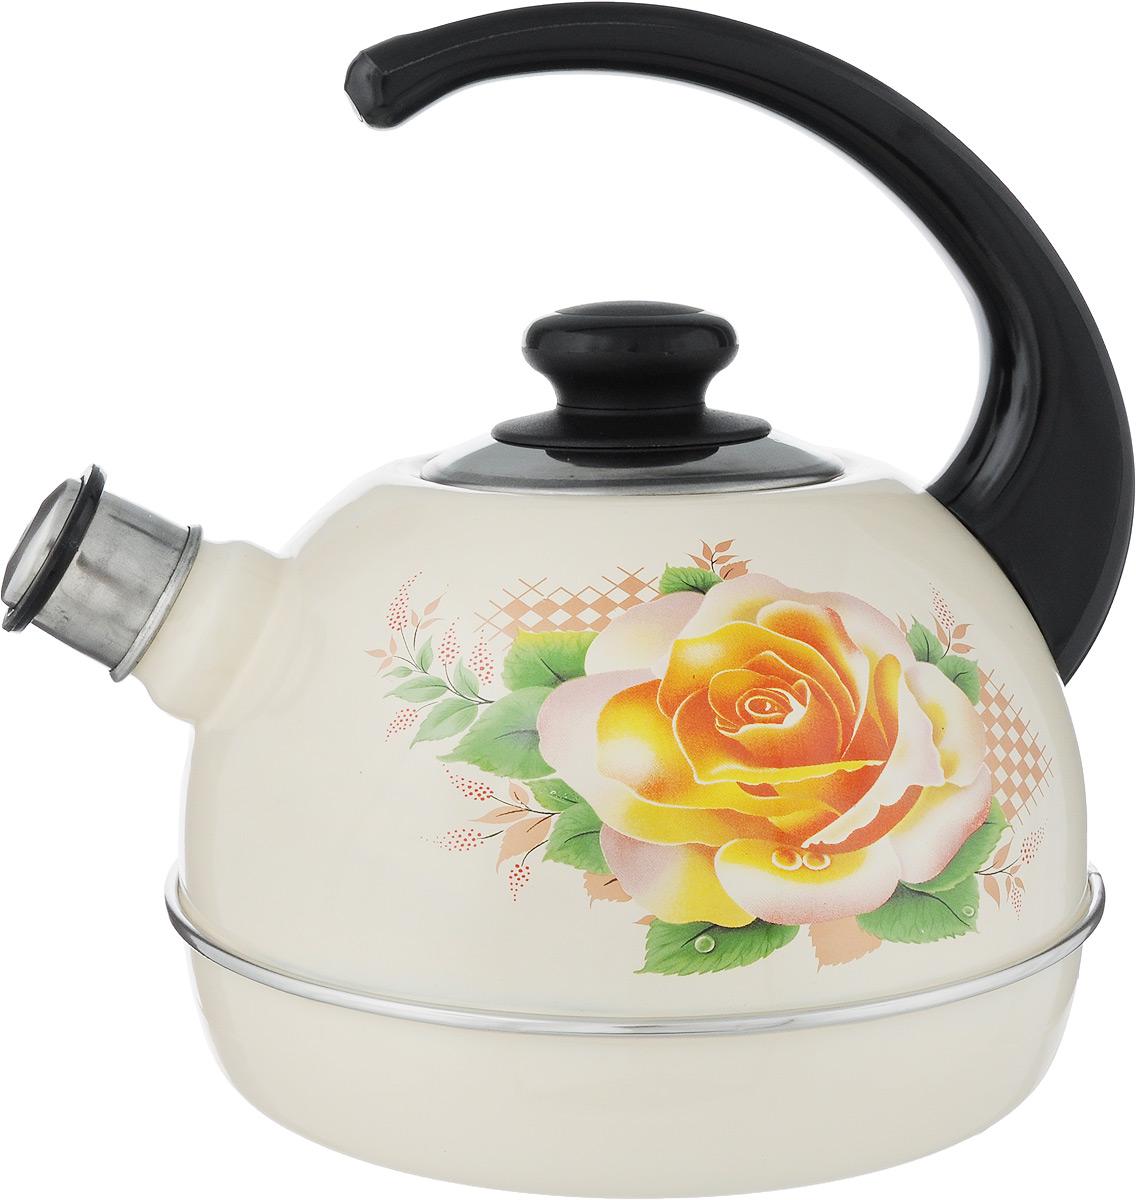 Чайник эмалированный Рубин Роза, со свистком, 3,5 лVT-1520(SR)Чайник Рубин Роза выполнен из высококачественного стального проката, что обеспечивает долговечность использования. Внешнее трехслойное эмалевое покрытие Mefrit не вступает во взаимодействие с пищевыми продуктами. Такое покрытие защищает сталь от коррозии, придает посуде гладкую стекловидную поверхность и надежно защищает от кислот и щелочей. Чайник оснащен фиксированной ручкой из пластика и крышкой, которая плотно прилегает к краю. Носик чайника оснащен съемным свистком, звуковой сигнал которого подскажет, когда закипит вода. Можно мыть в посудомоечной машине. Пригоден для всех видов плит, включая индукционные. Высота чайника (с учетом ручки): 24 см.Высота чайника (без учета крышки и ручки): 14 см.Диаметр по верхнему краю: 8,7 см.